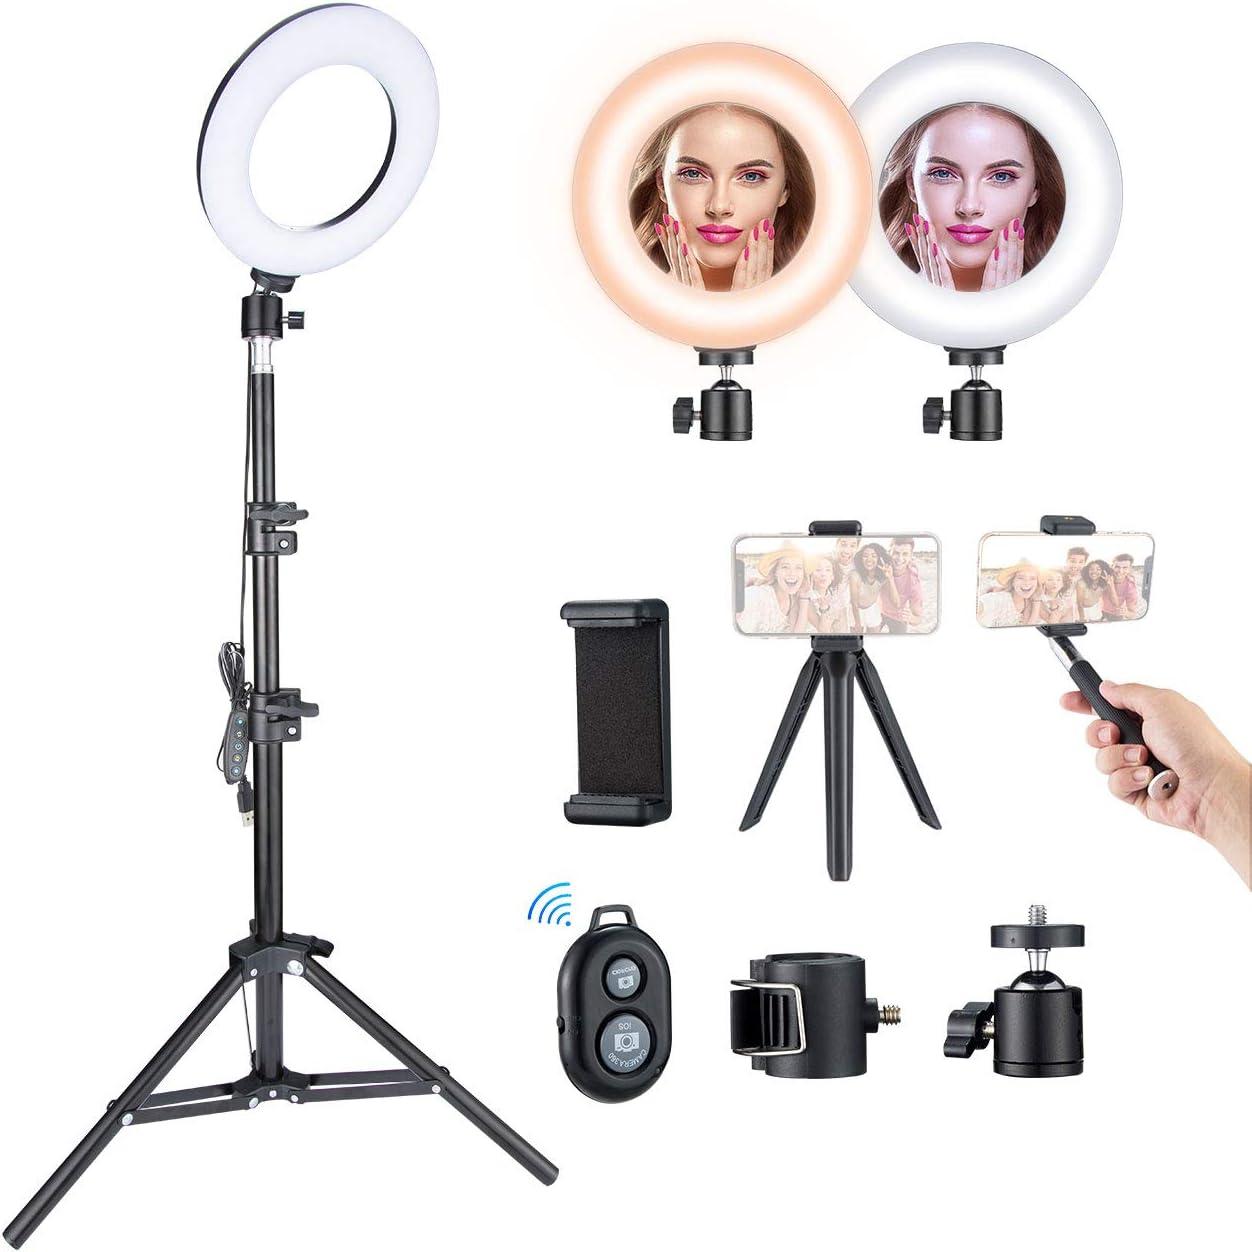 5 Farbtemperatur y 5 Helligkeitsmodi YouTube Selfie Foto MakeupVideo Vlog Verstellbares Stativ 43-110cm Selfie Ringleuchte Ringleuchte Mit Stativ VicTsing Max 1200 Lumen